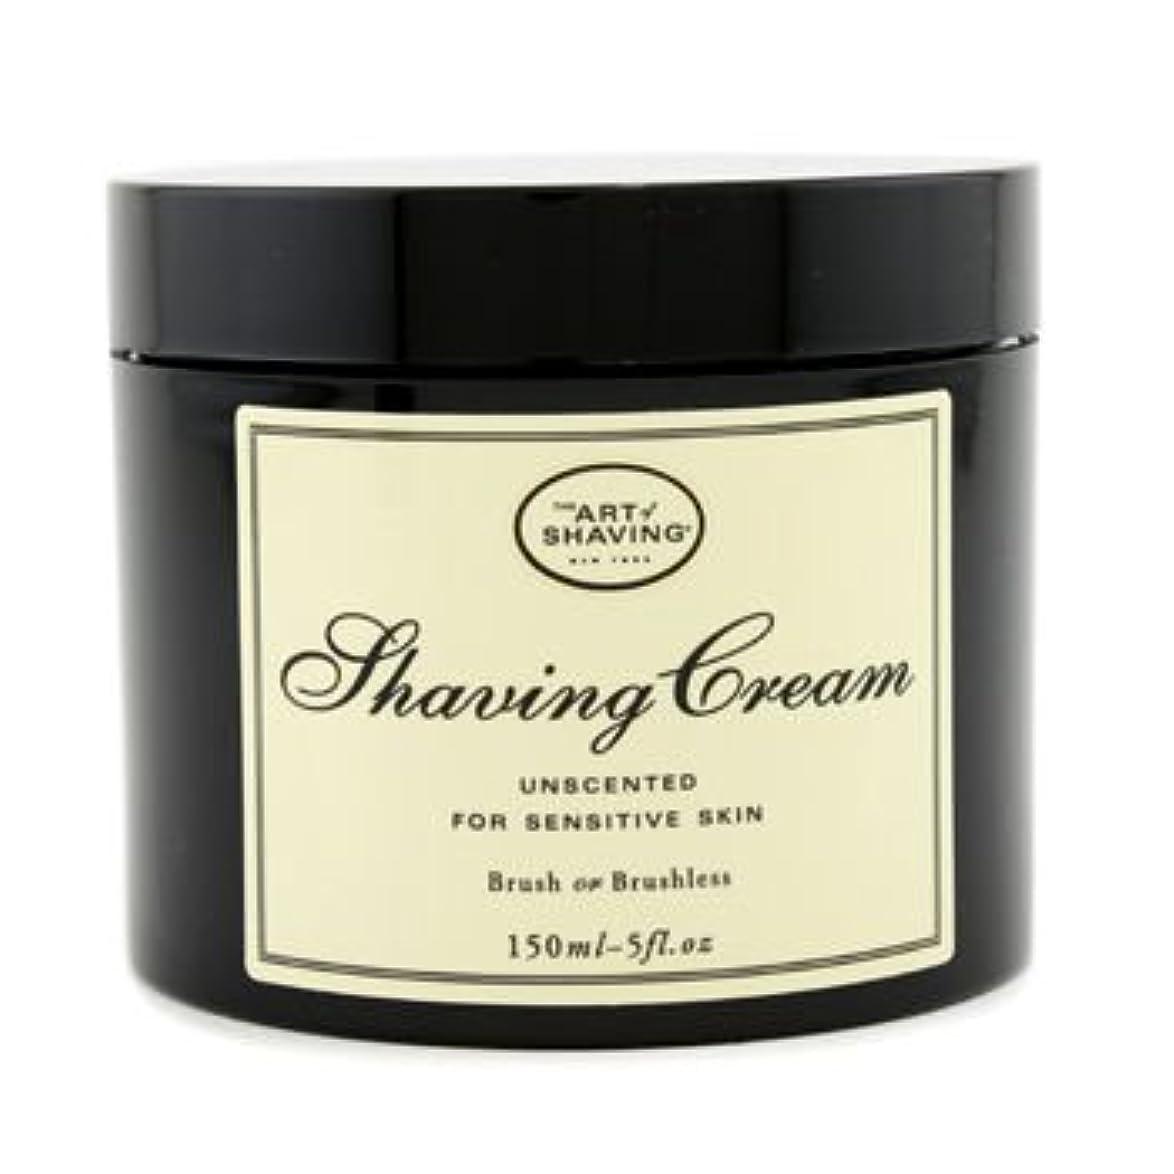 囲い鎮静剤荒涼としたアートオブシェービング シェービングクリーム - 無香料 (敏感肌用) 150g/5oz並行輸入品